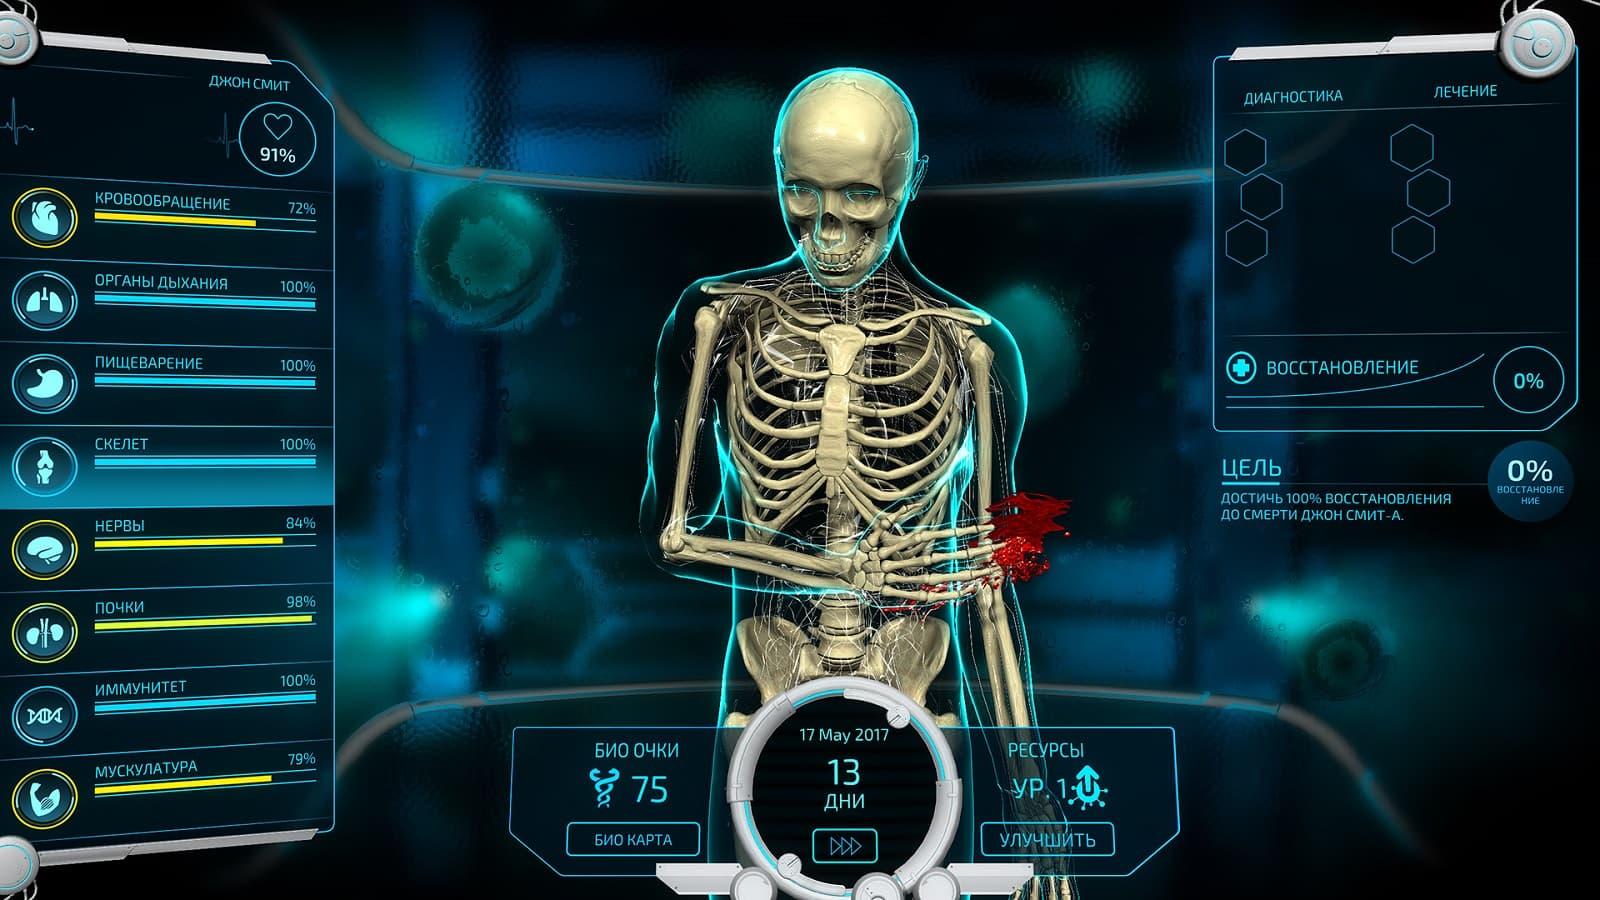 Bio Inc Redemption, Bio Inc, Simulator, Manager, Strategy, Indie Game, Review, Симулятор медика, Жизнь и Смерть, Менеджер, Стратегия, Инди-игра, Рецензия, Обзор, Мнение, Отзыв